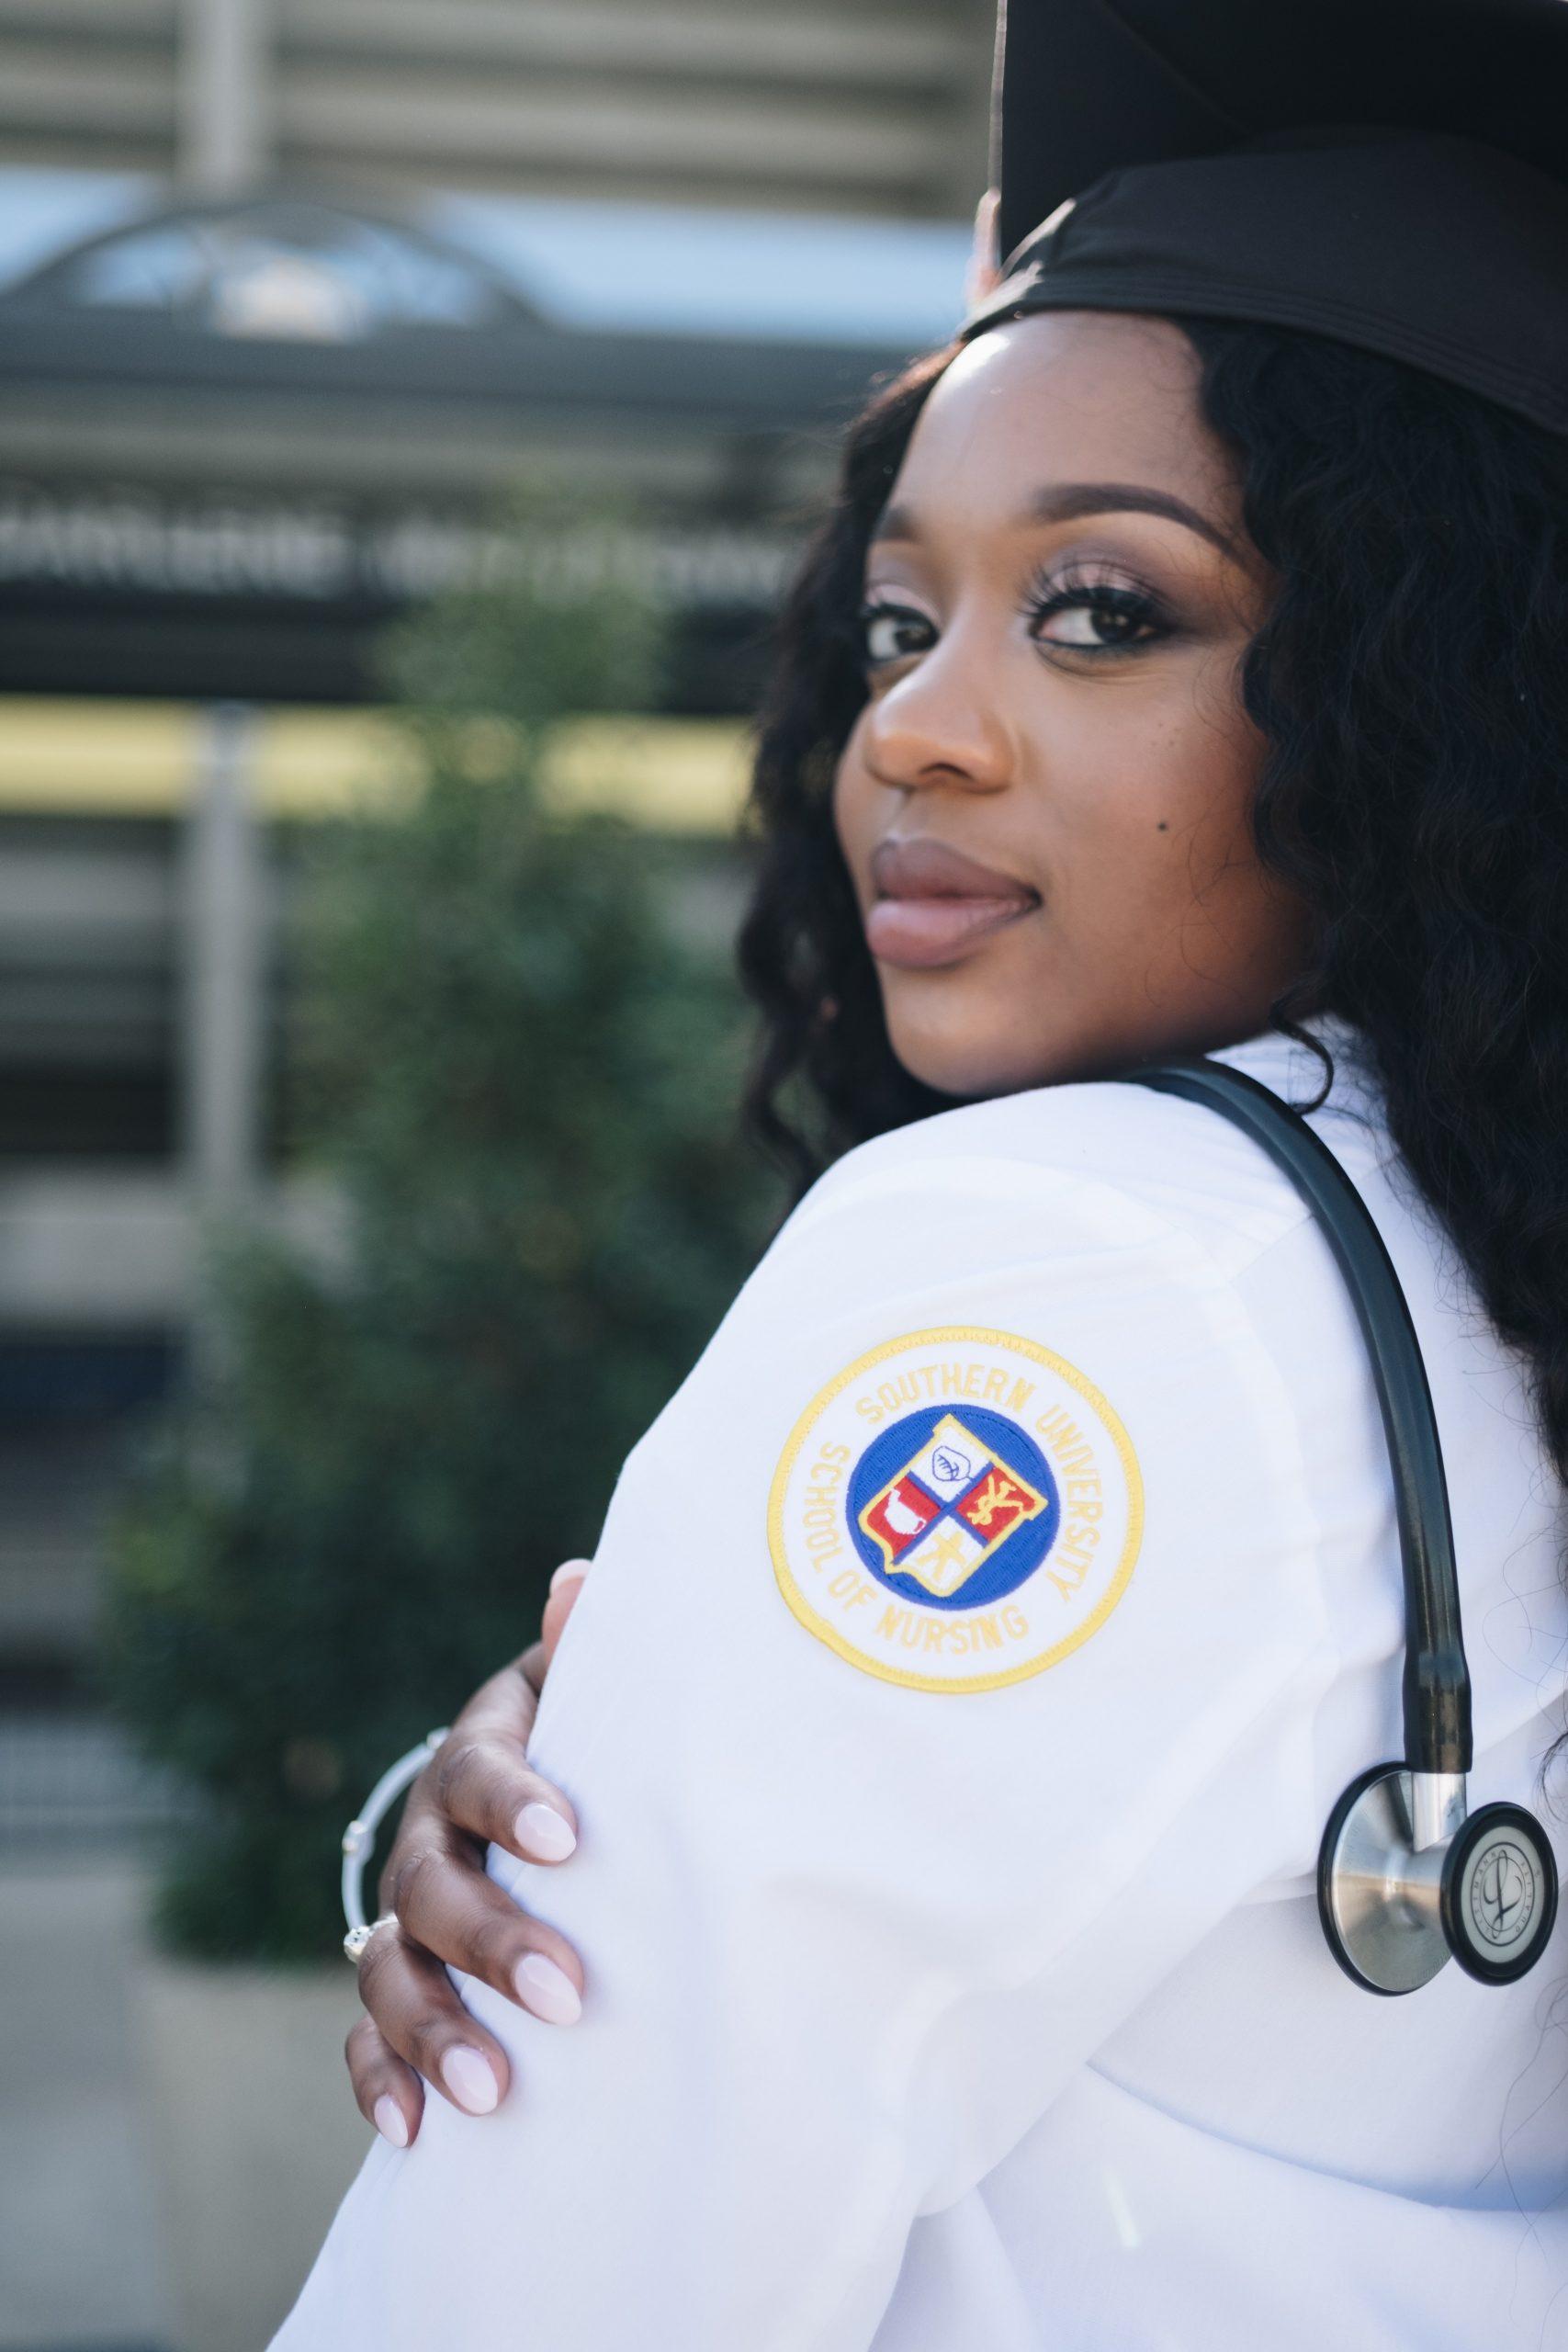 PHARM CBD Nurse